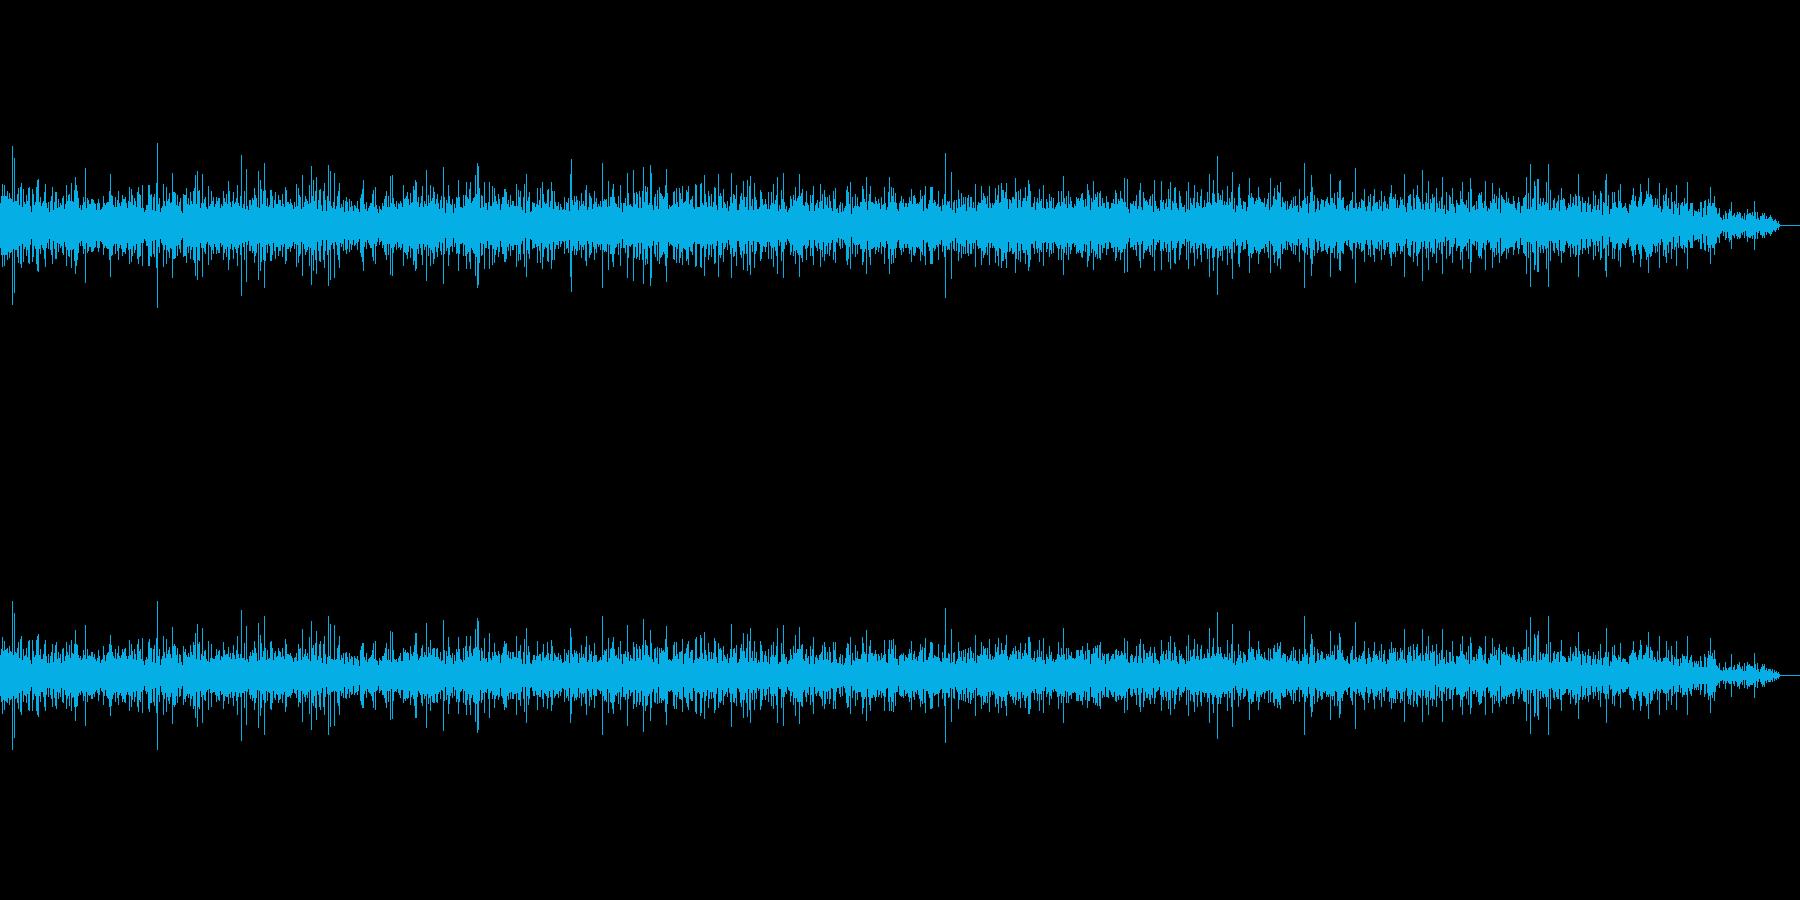 洗面所の水が流れる音の再生済みの波形